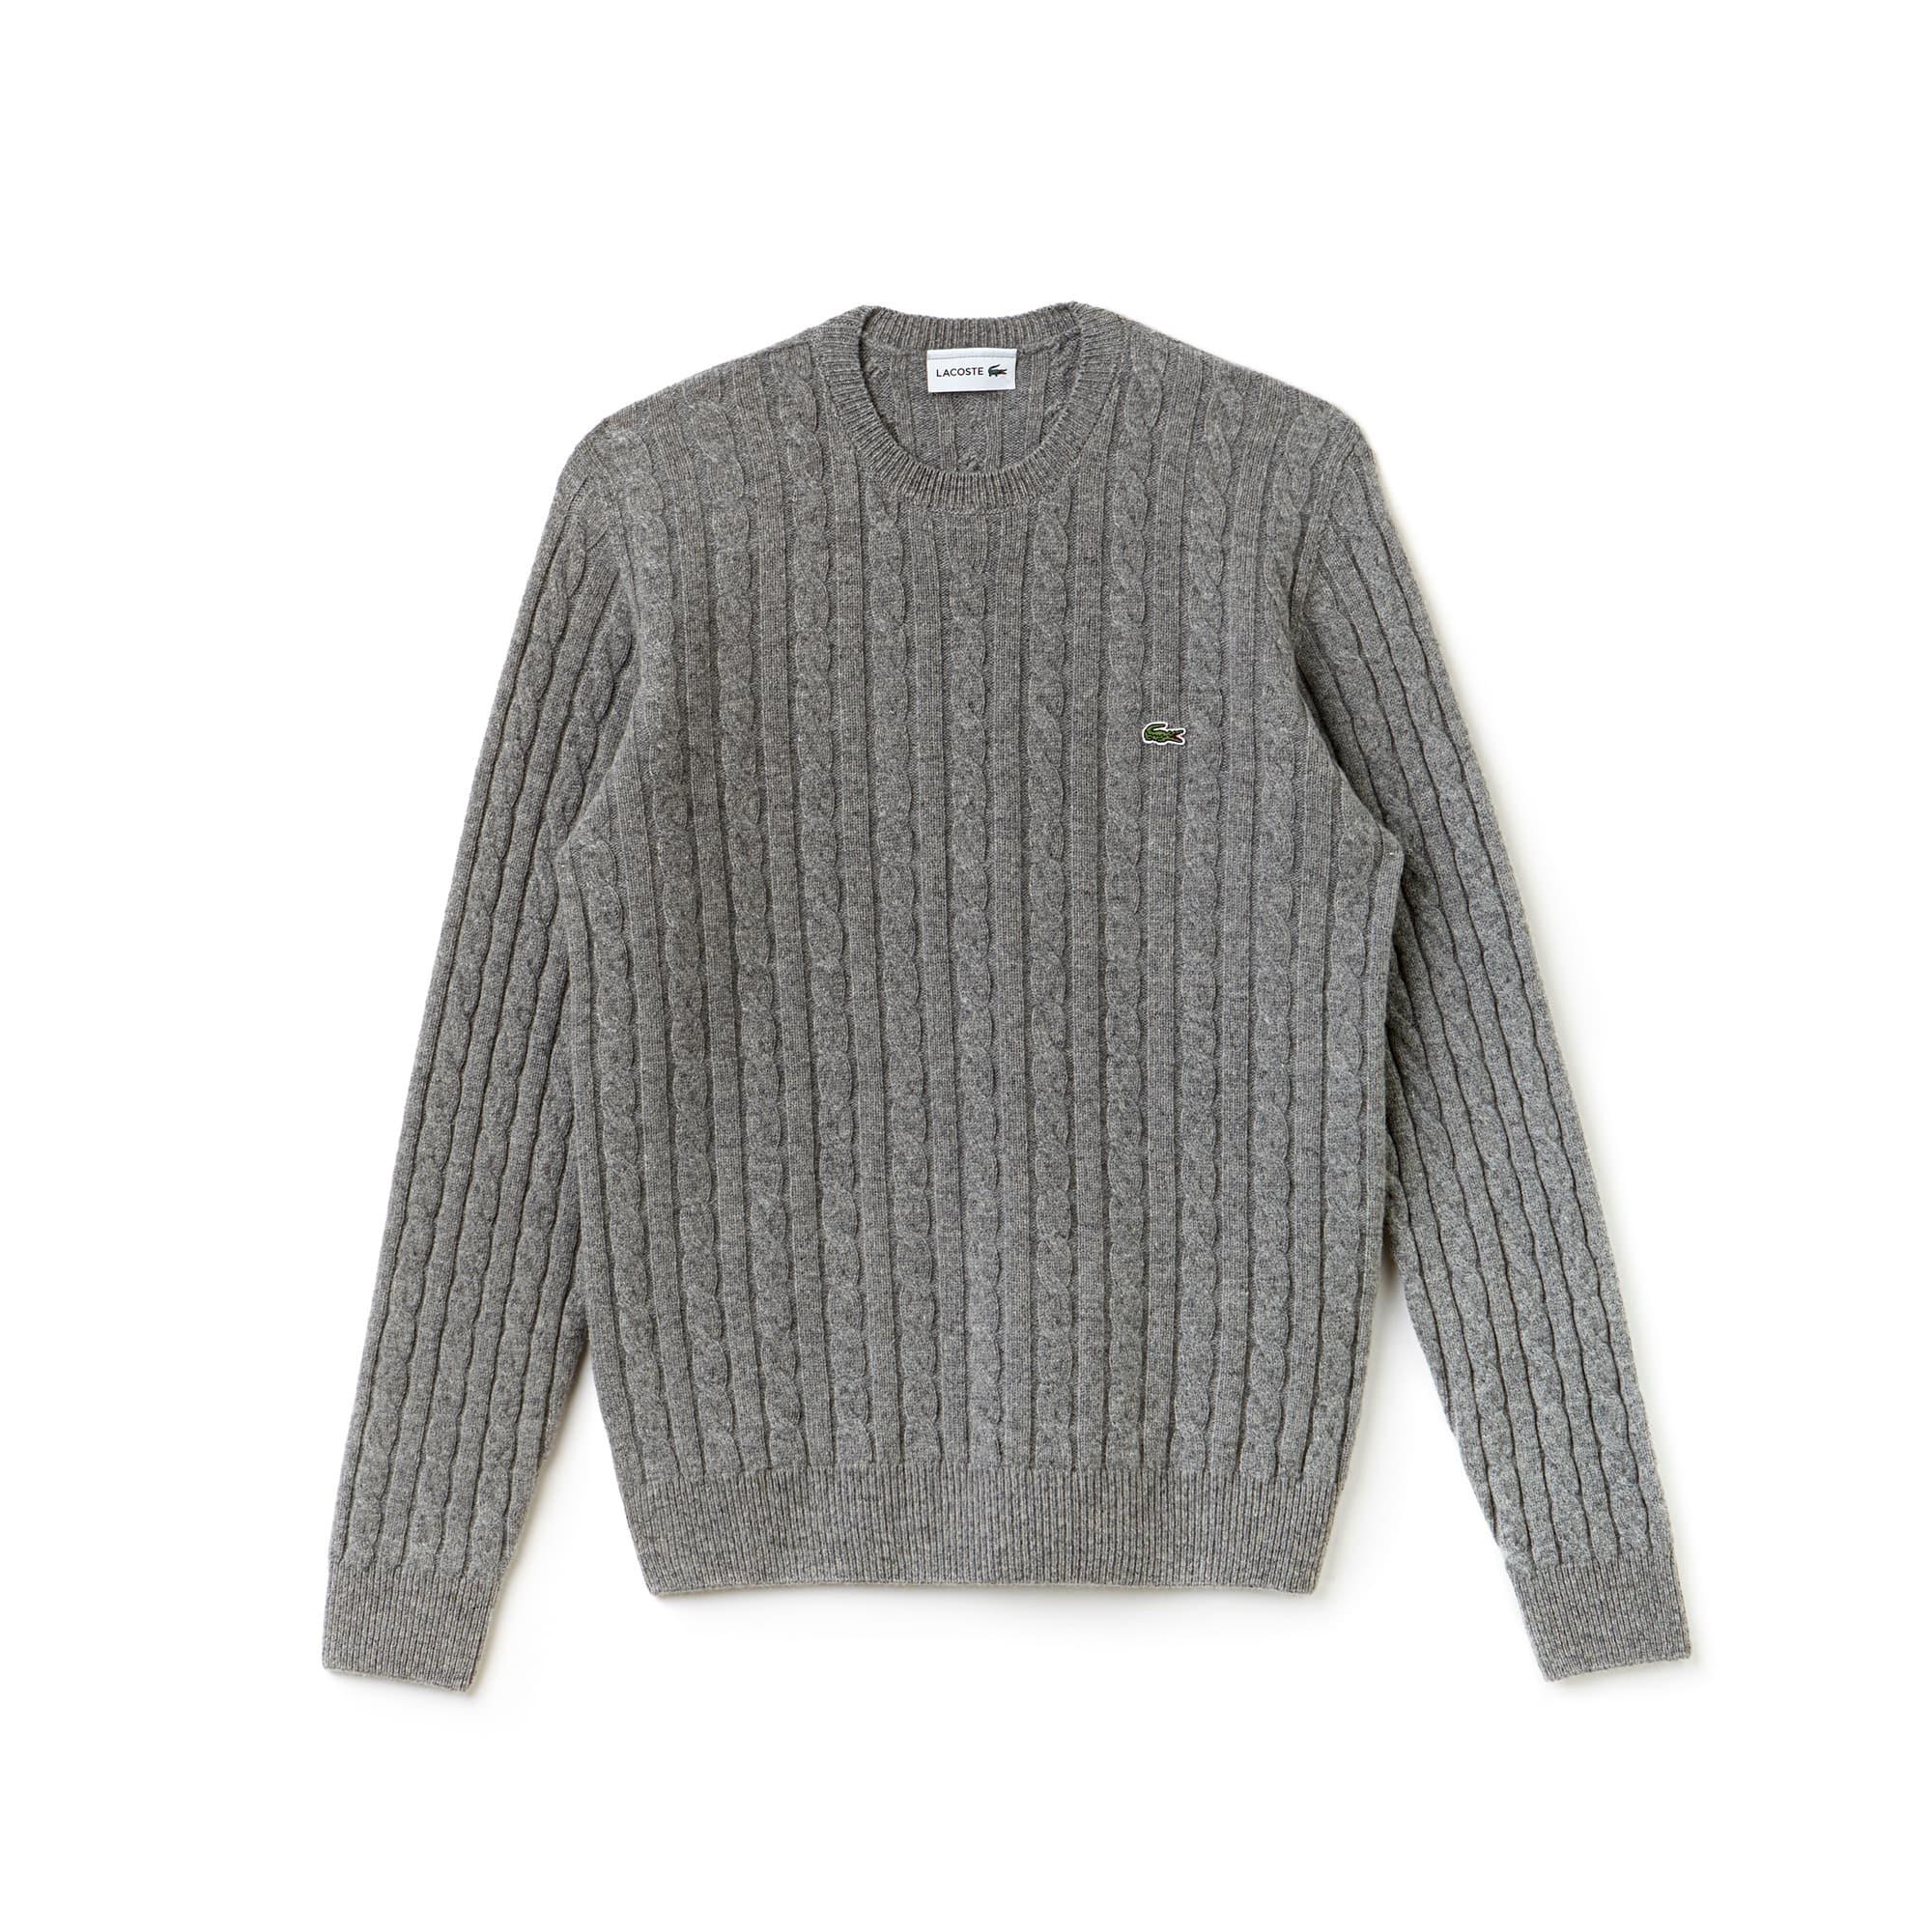 Mens Sweaters Sweatshirts On Sale Lacoste